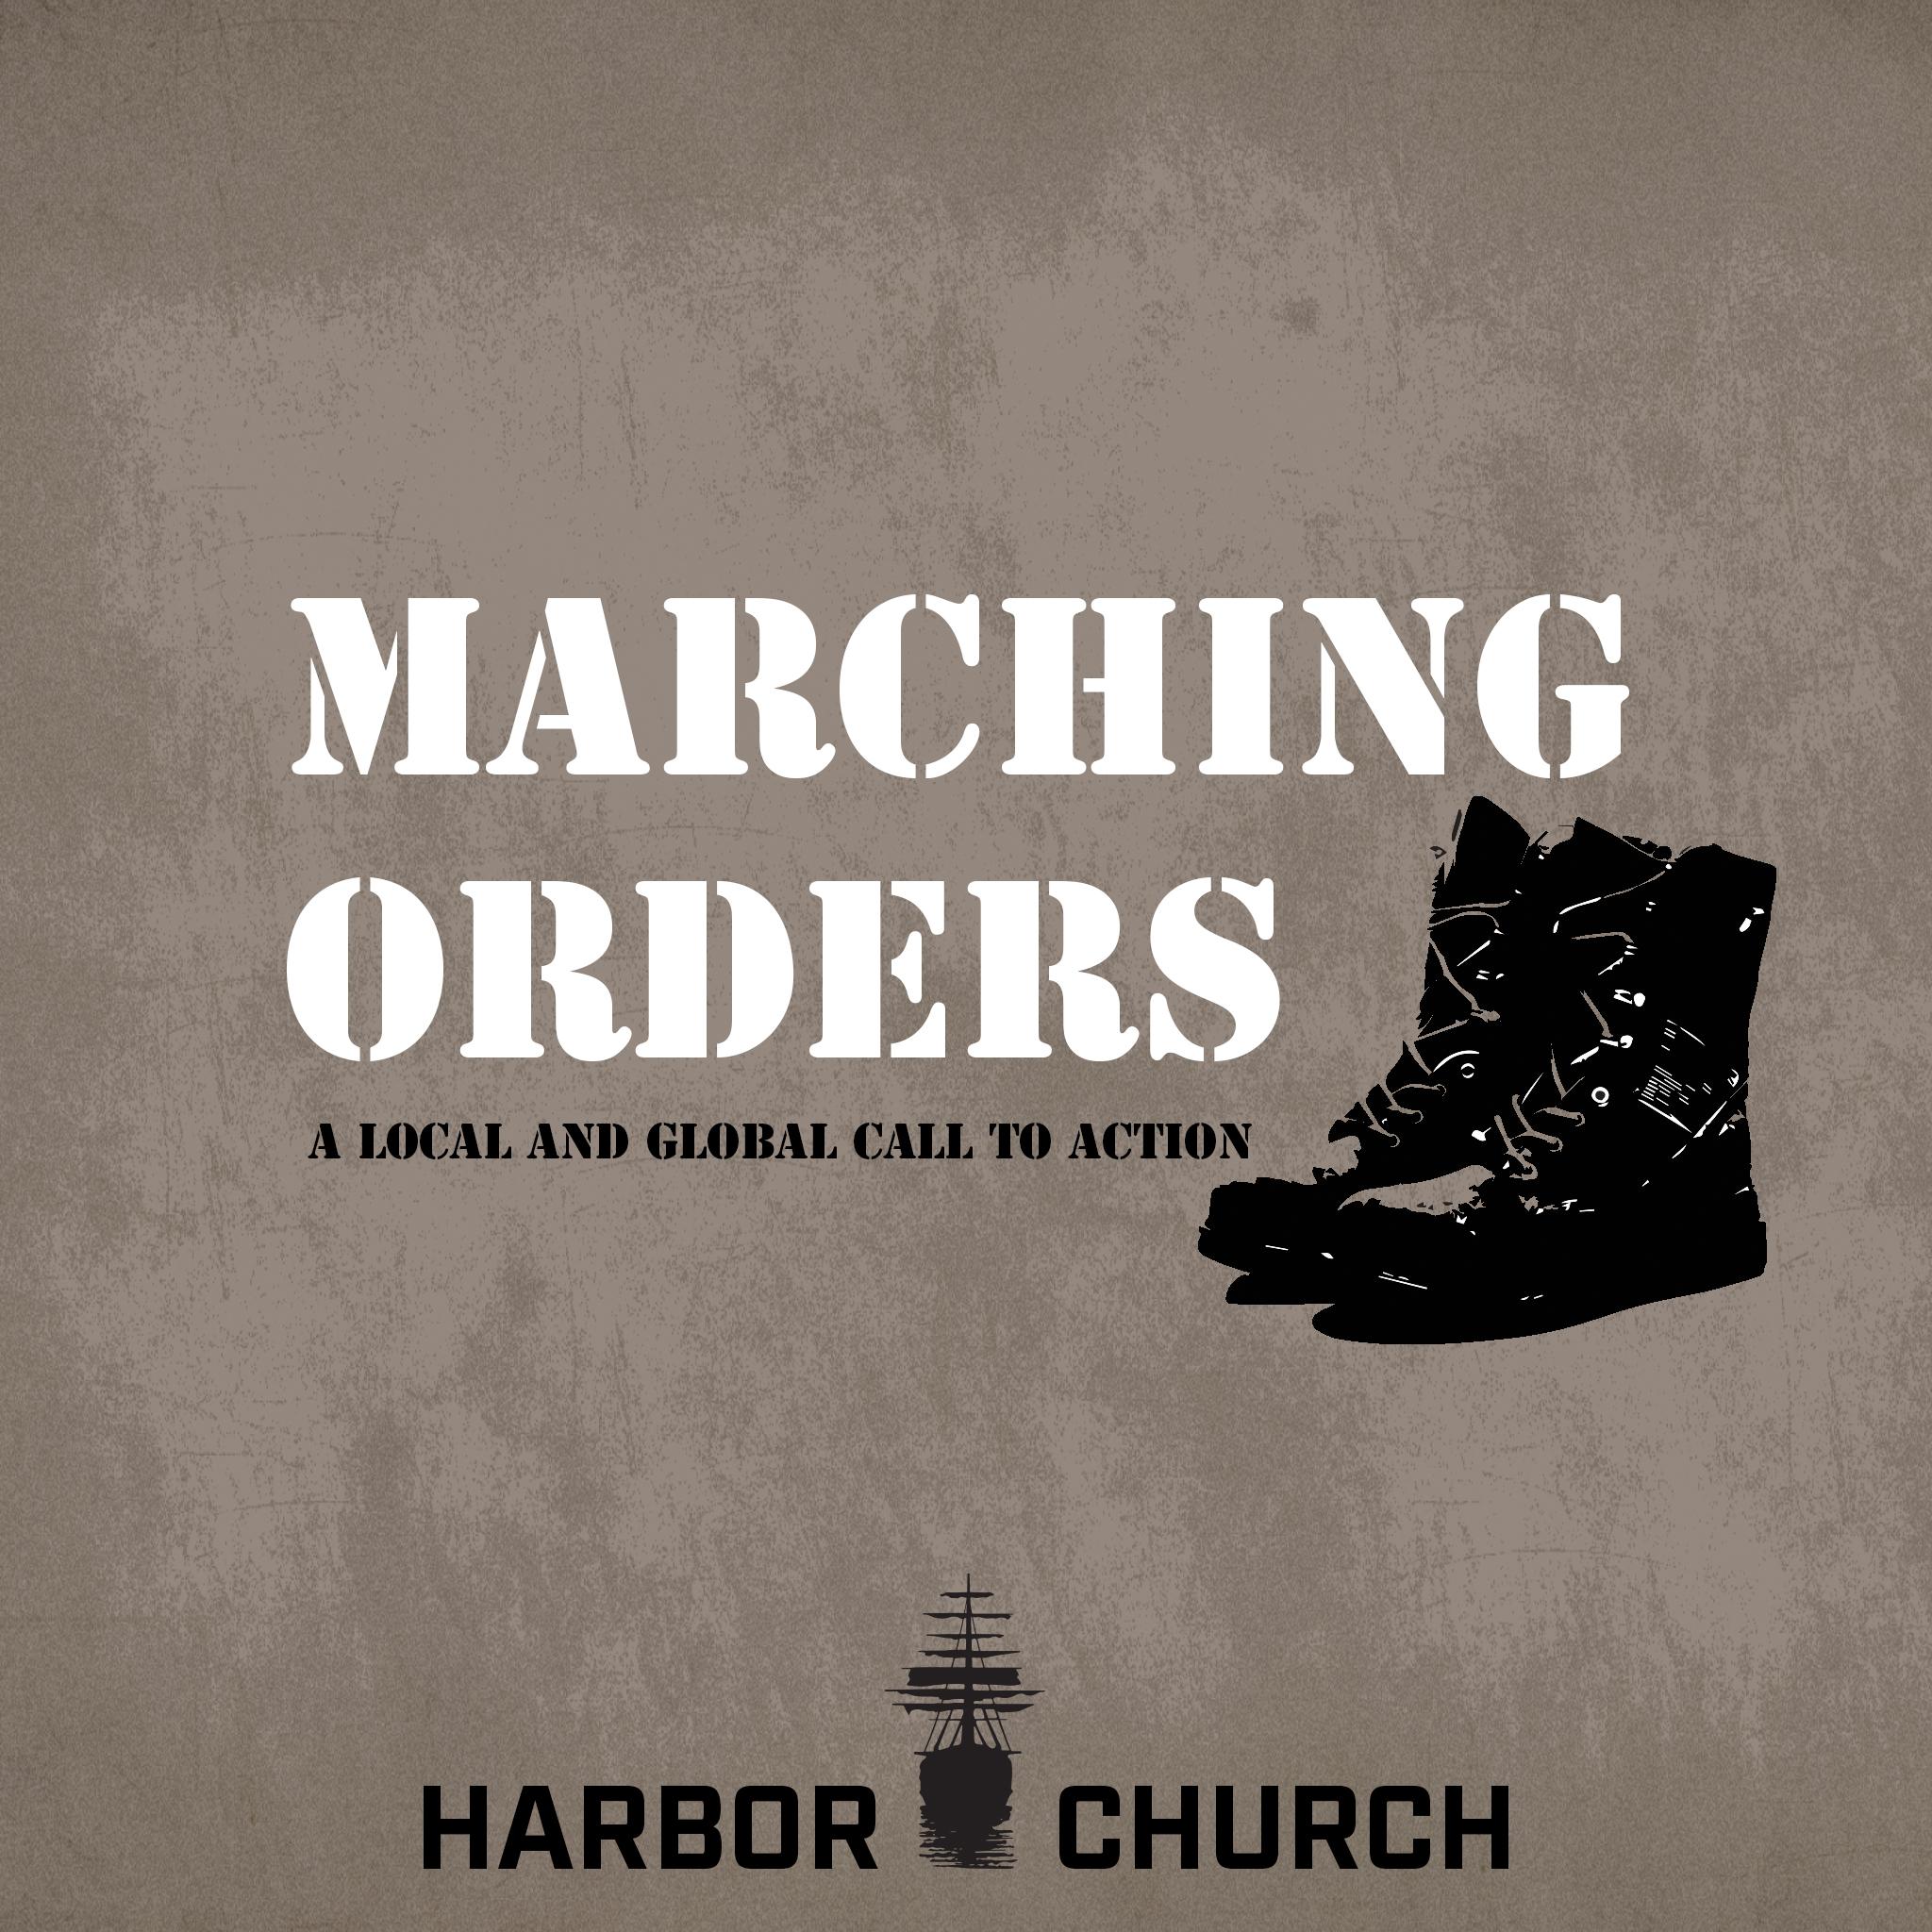 IG marching orders.jpg